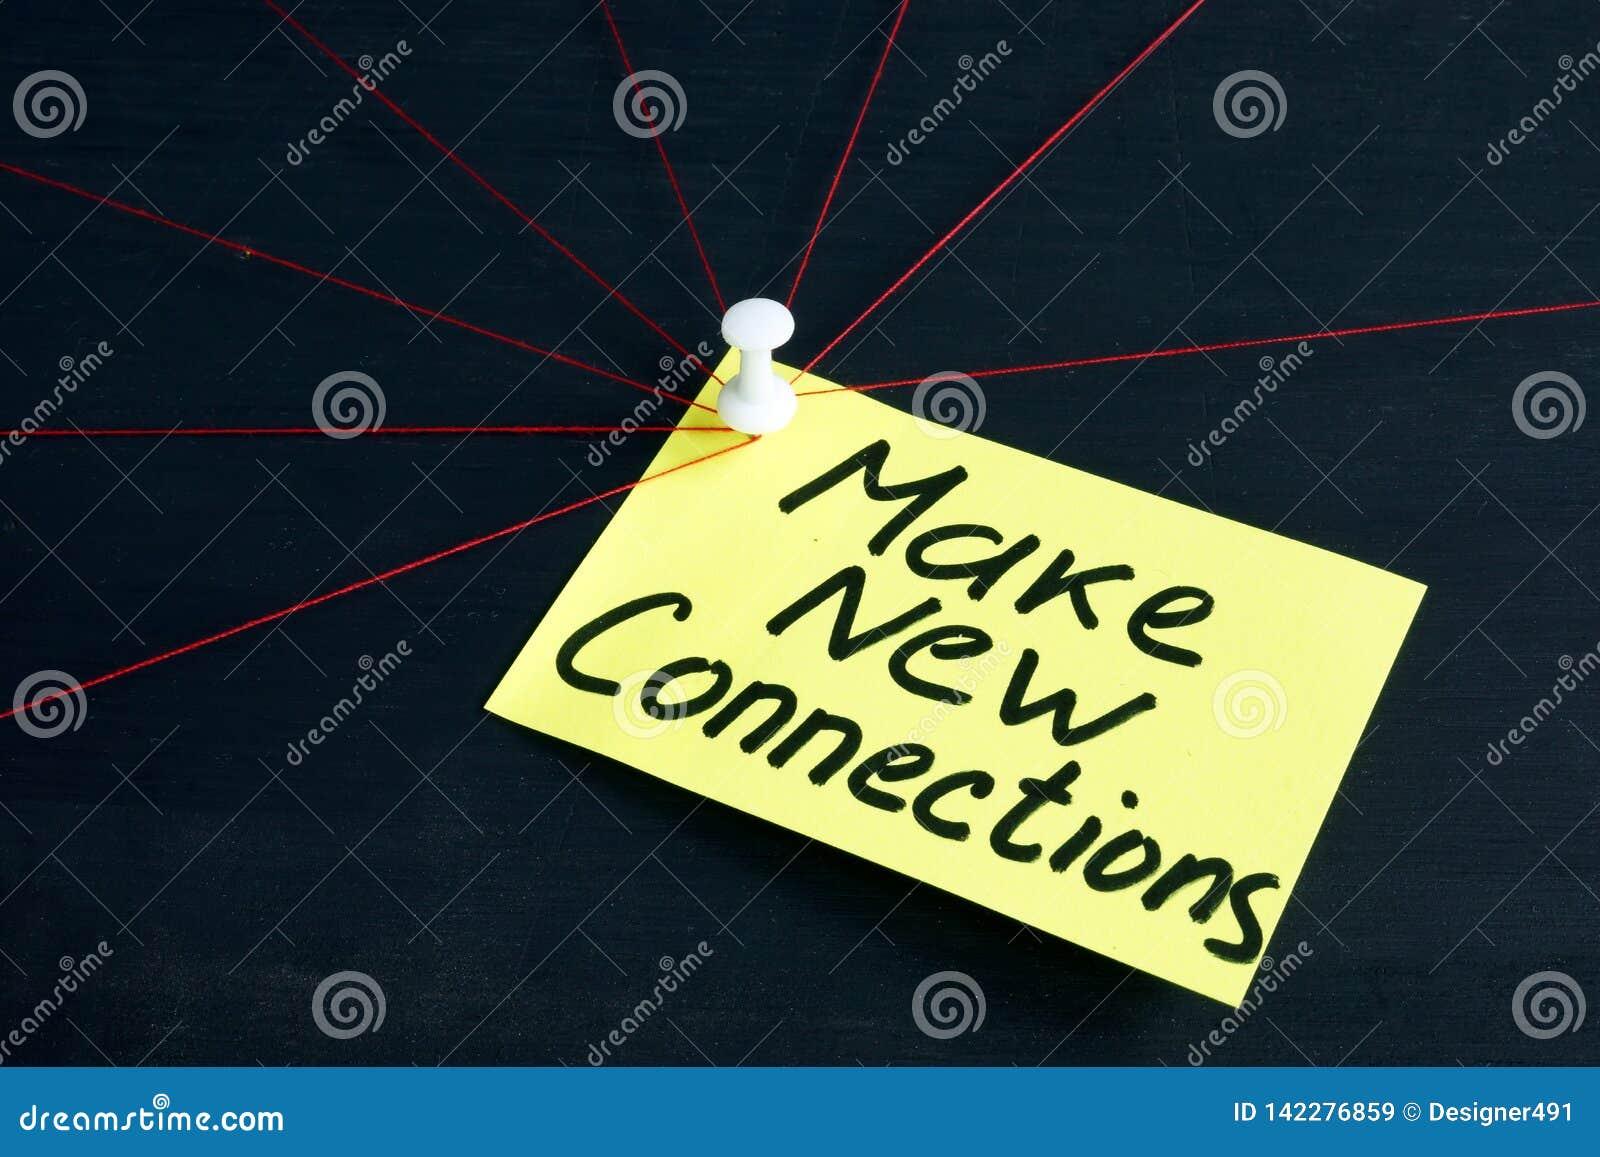 Stellen Sie die neuen Beziehungen her, die auf Seite geschrieben werden Arbeit im Geschäftsteam